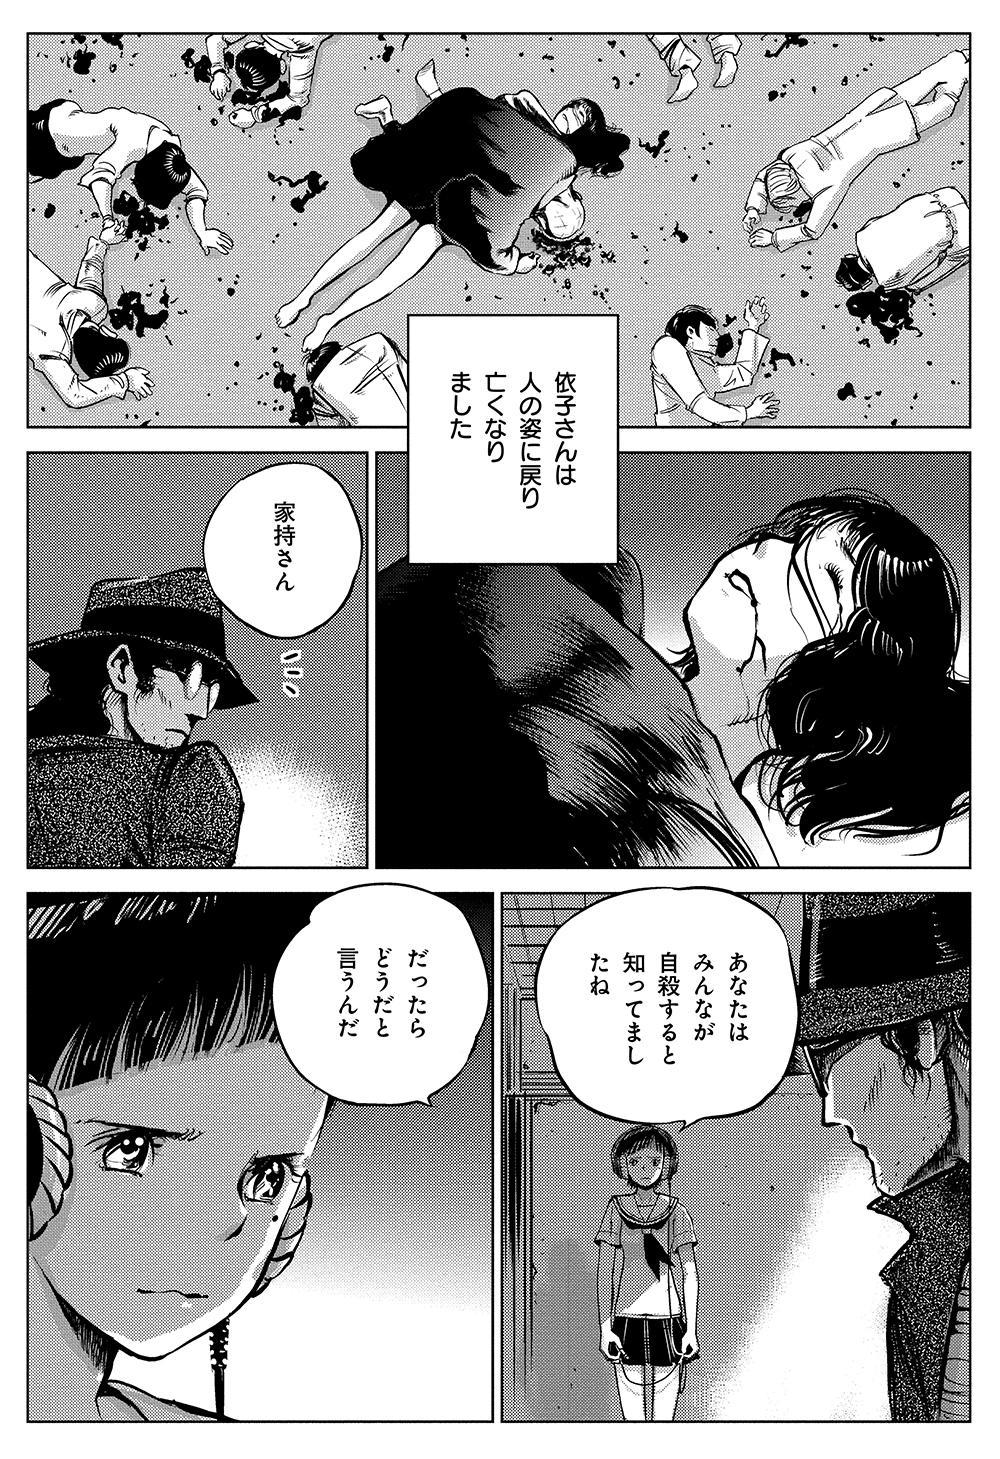 ことなかれ 第3話「革仔玉」②kotonakare01-28.jpg